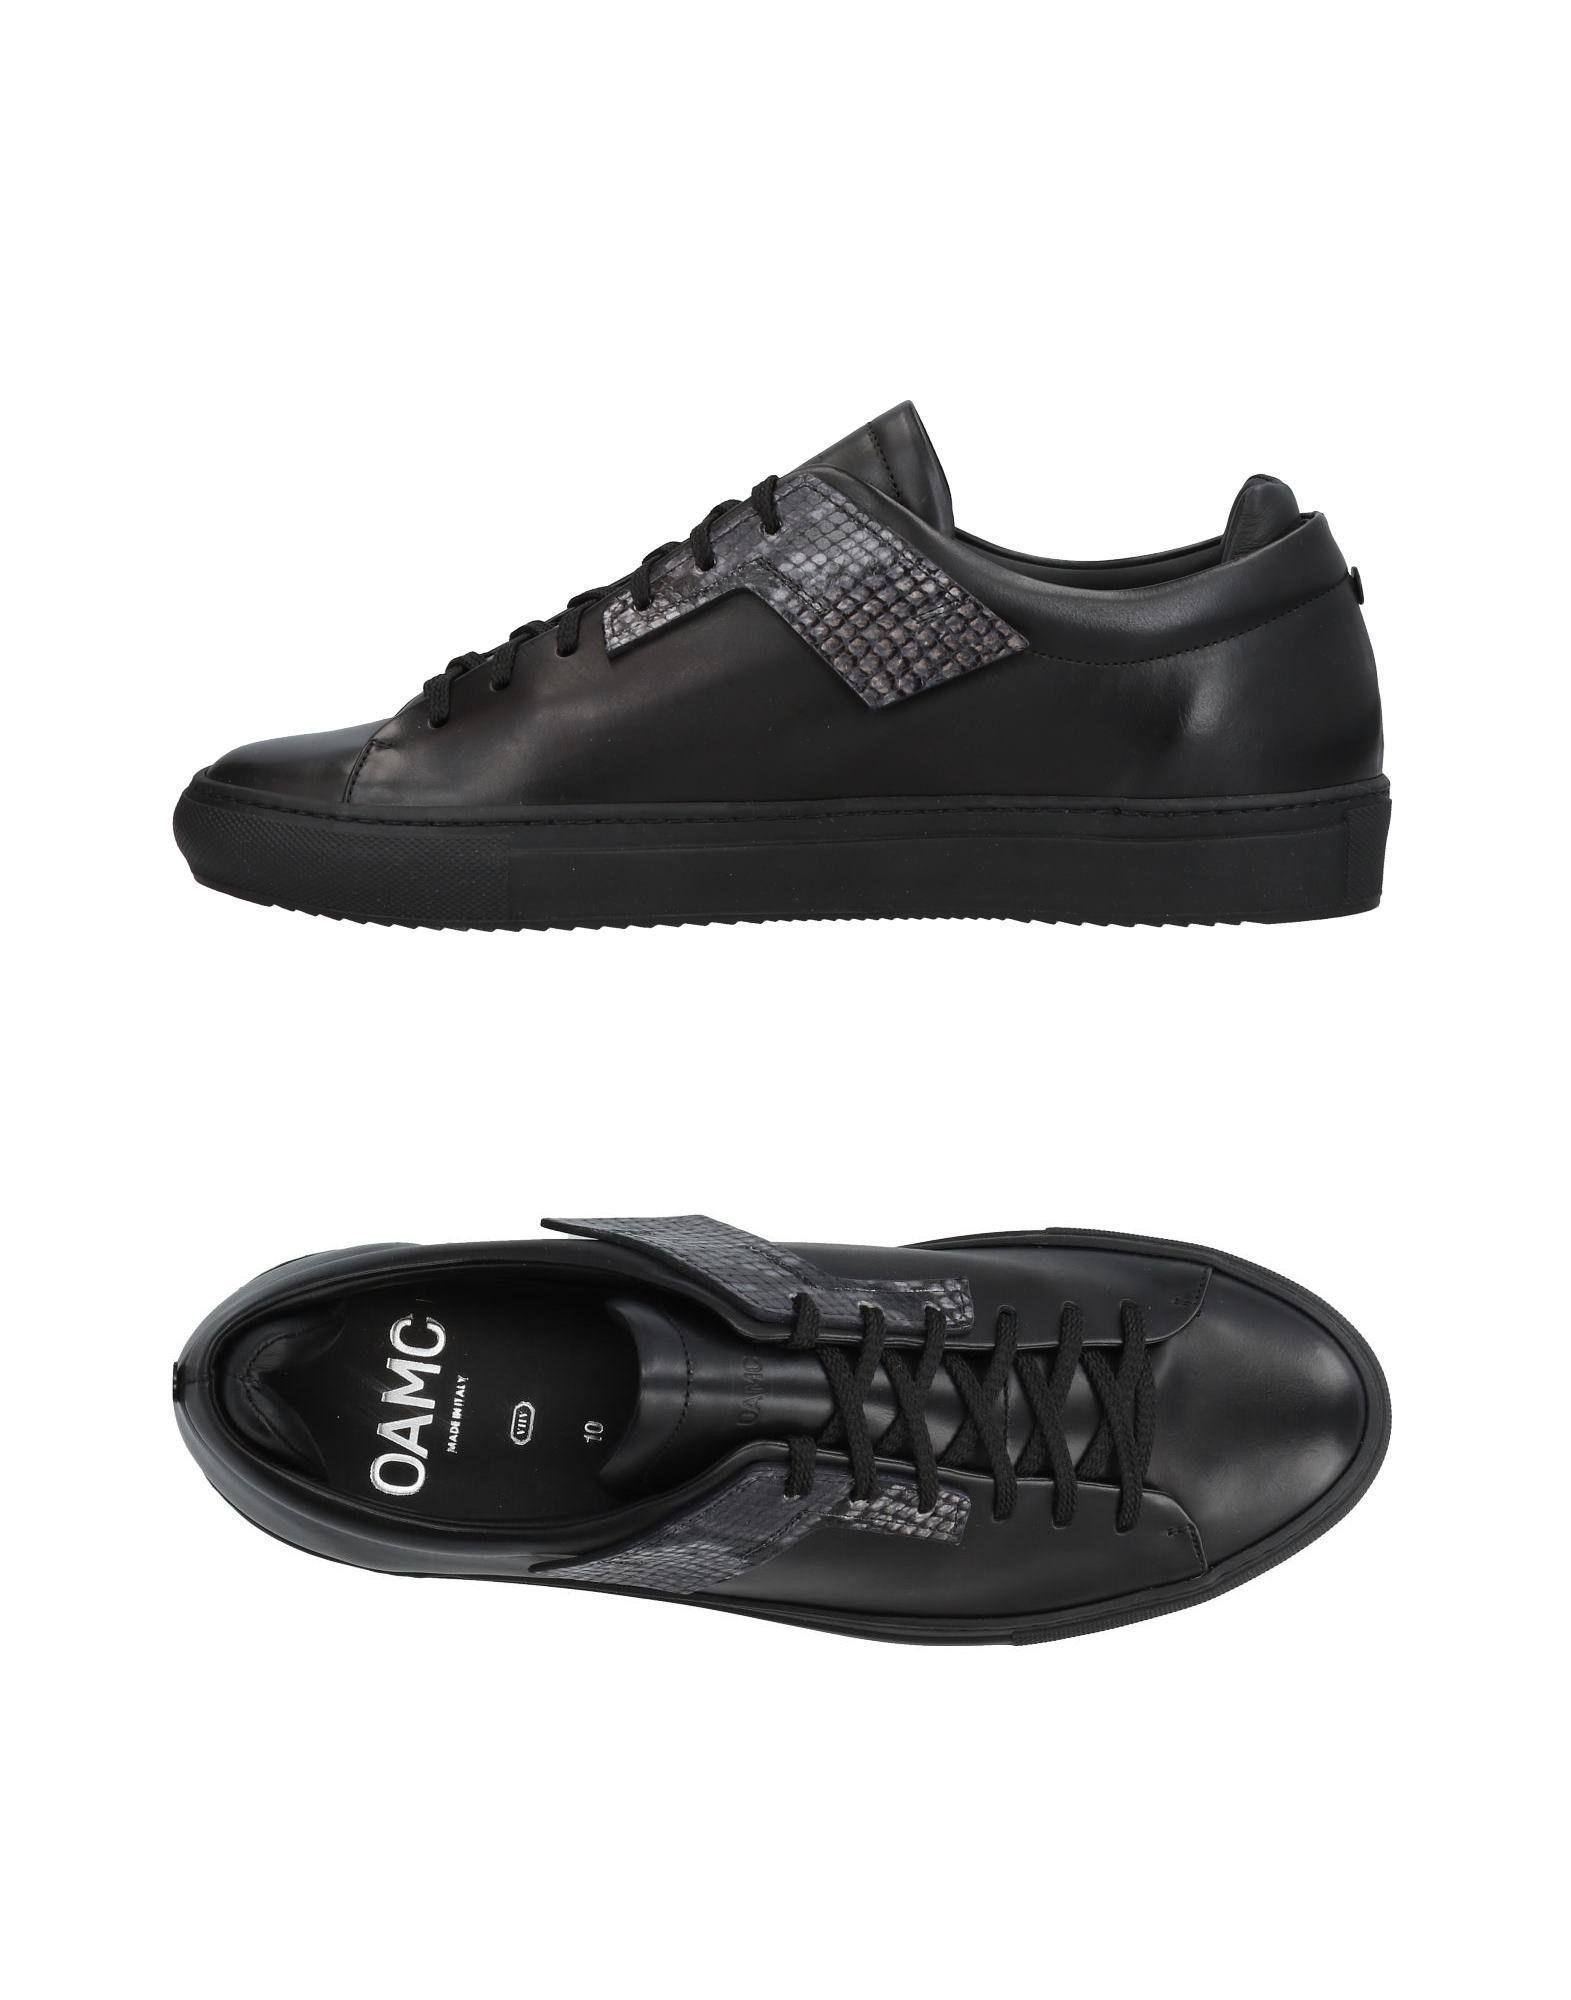 FOOTWEAR - Low-tops & sneakers on YOOX.COM OAMC 7y0tS9CLA